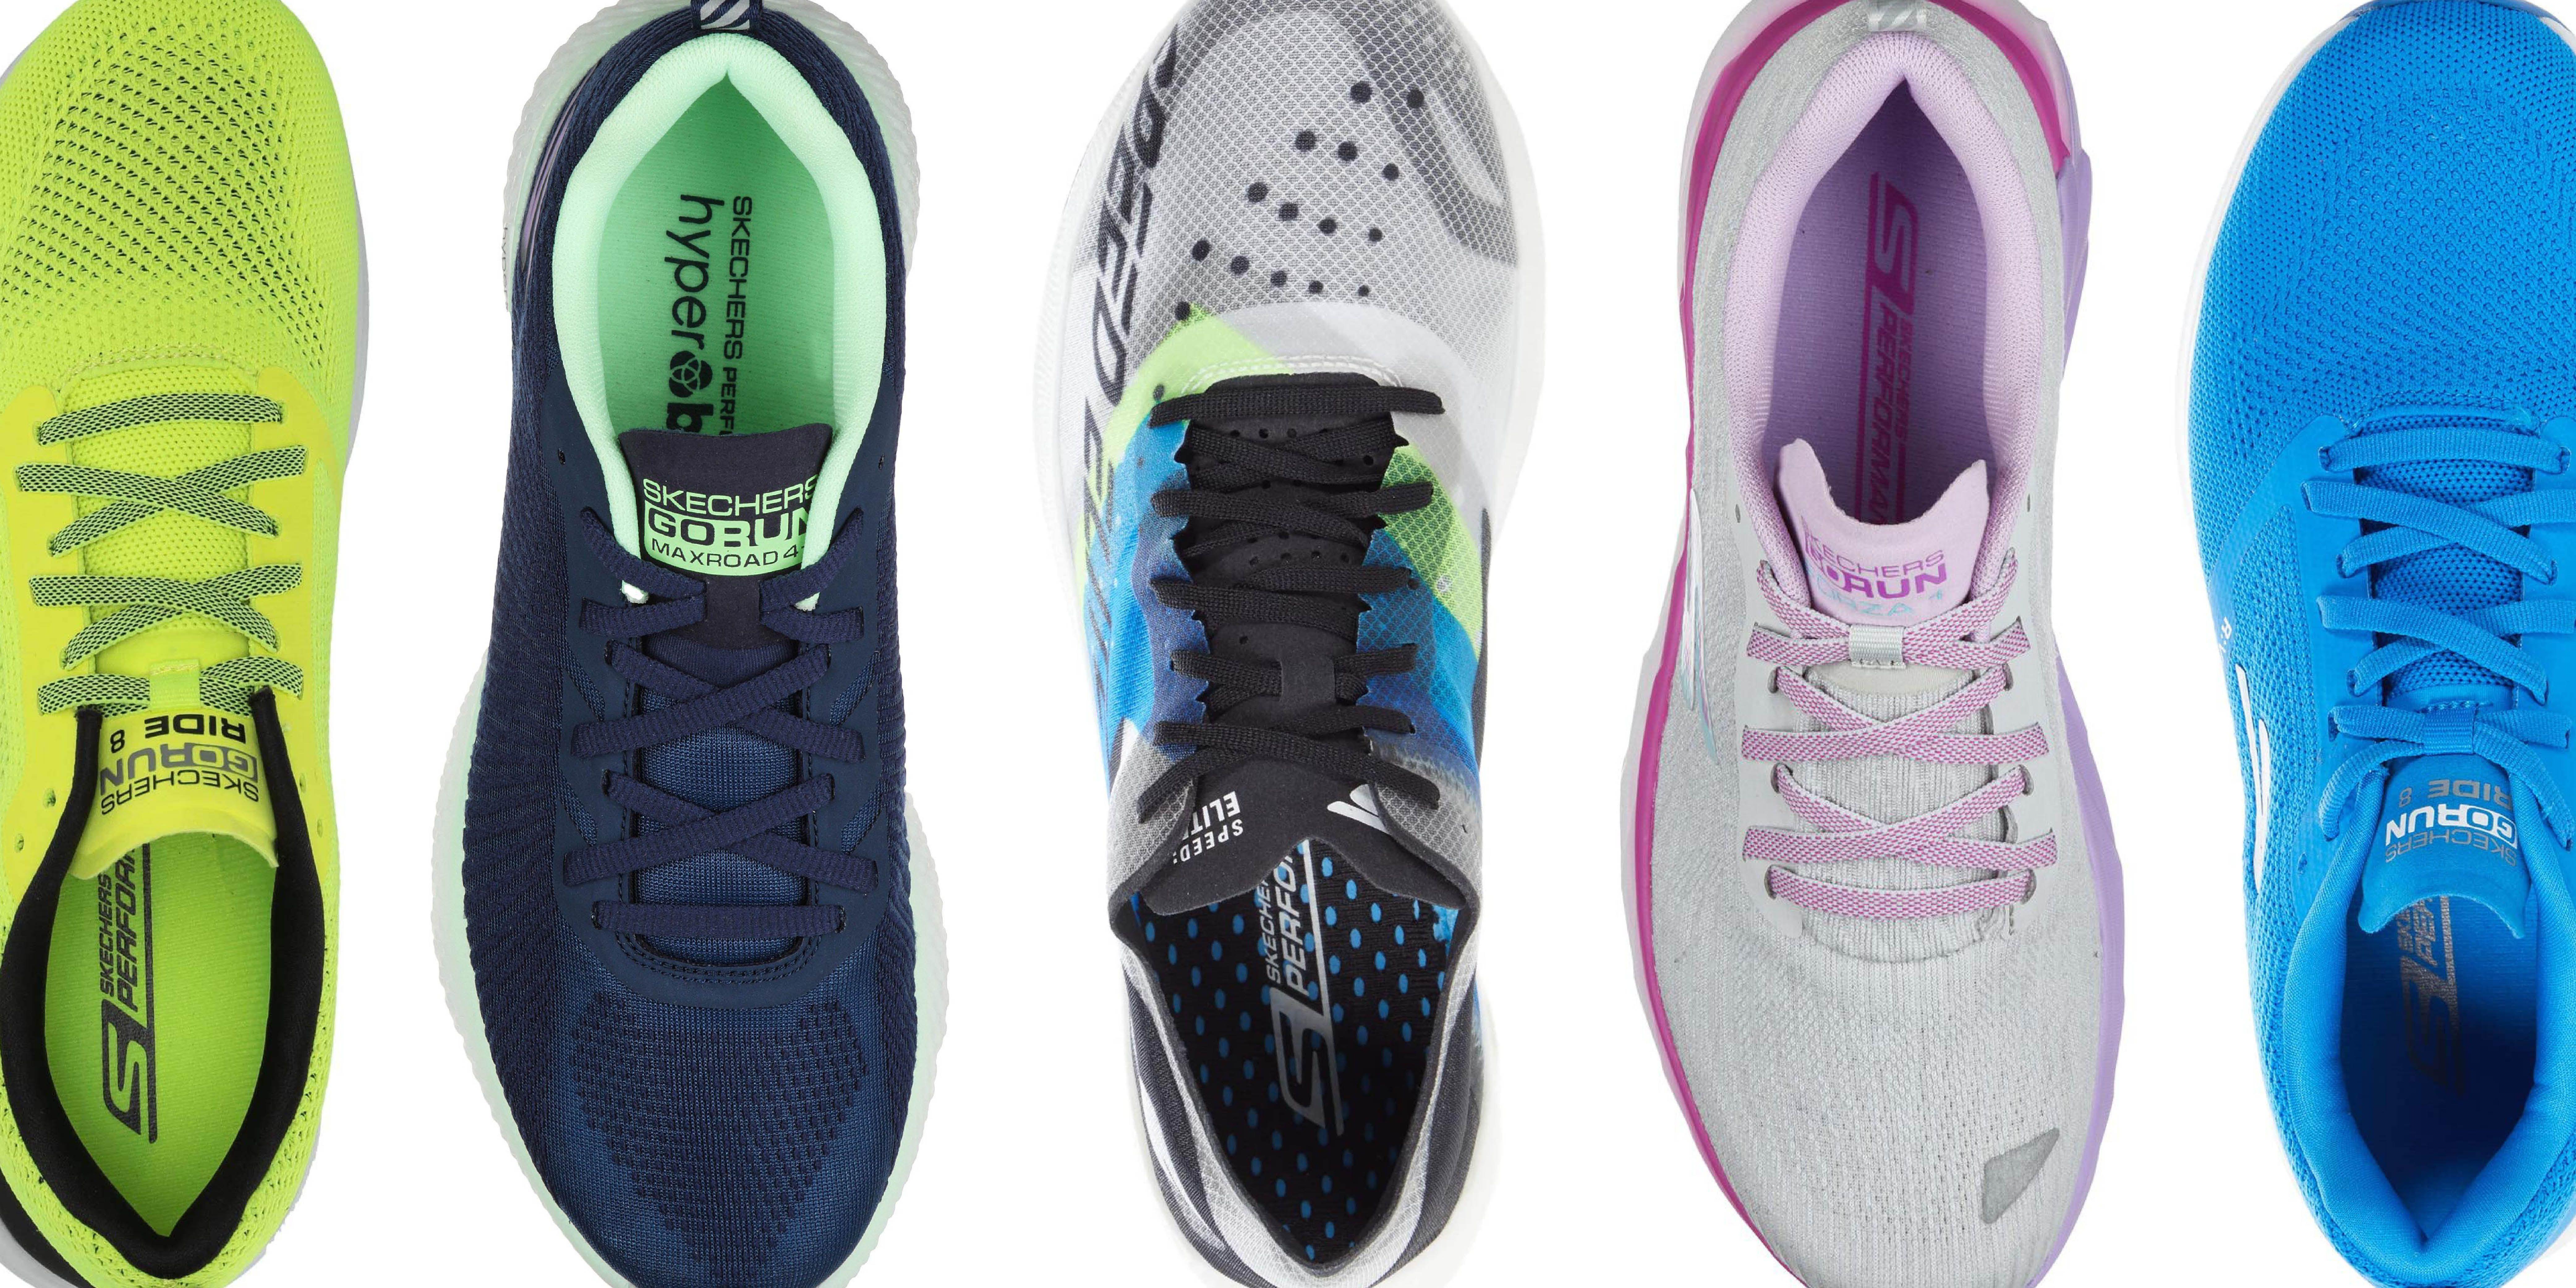 Sombreado irregular empresario  Skechers Running Shoes   Best Skechers Shoes 2021